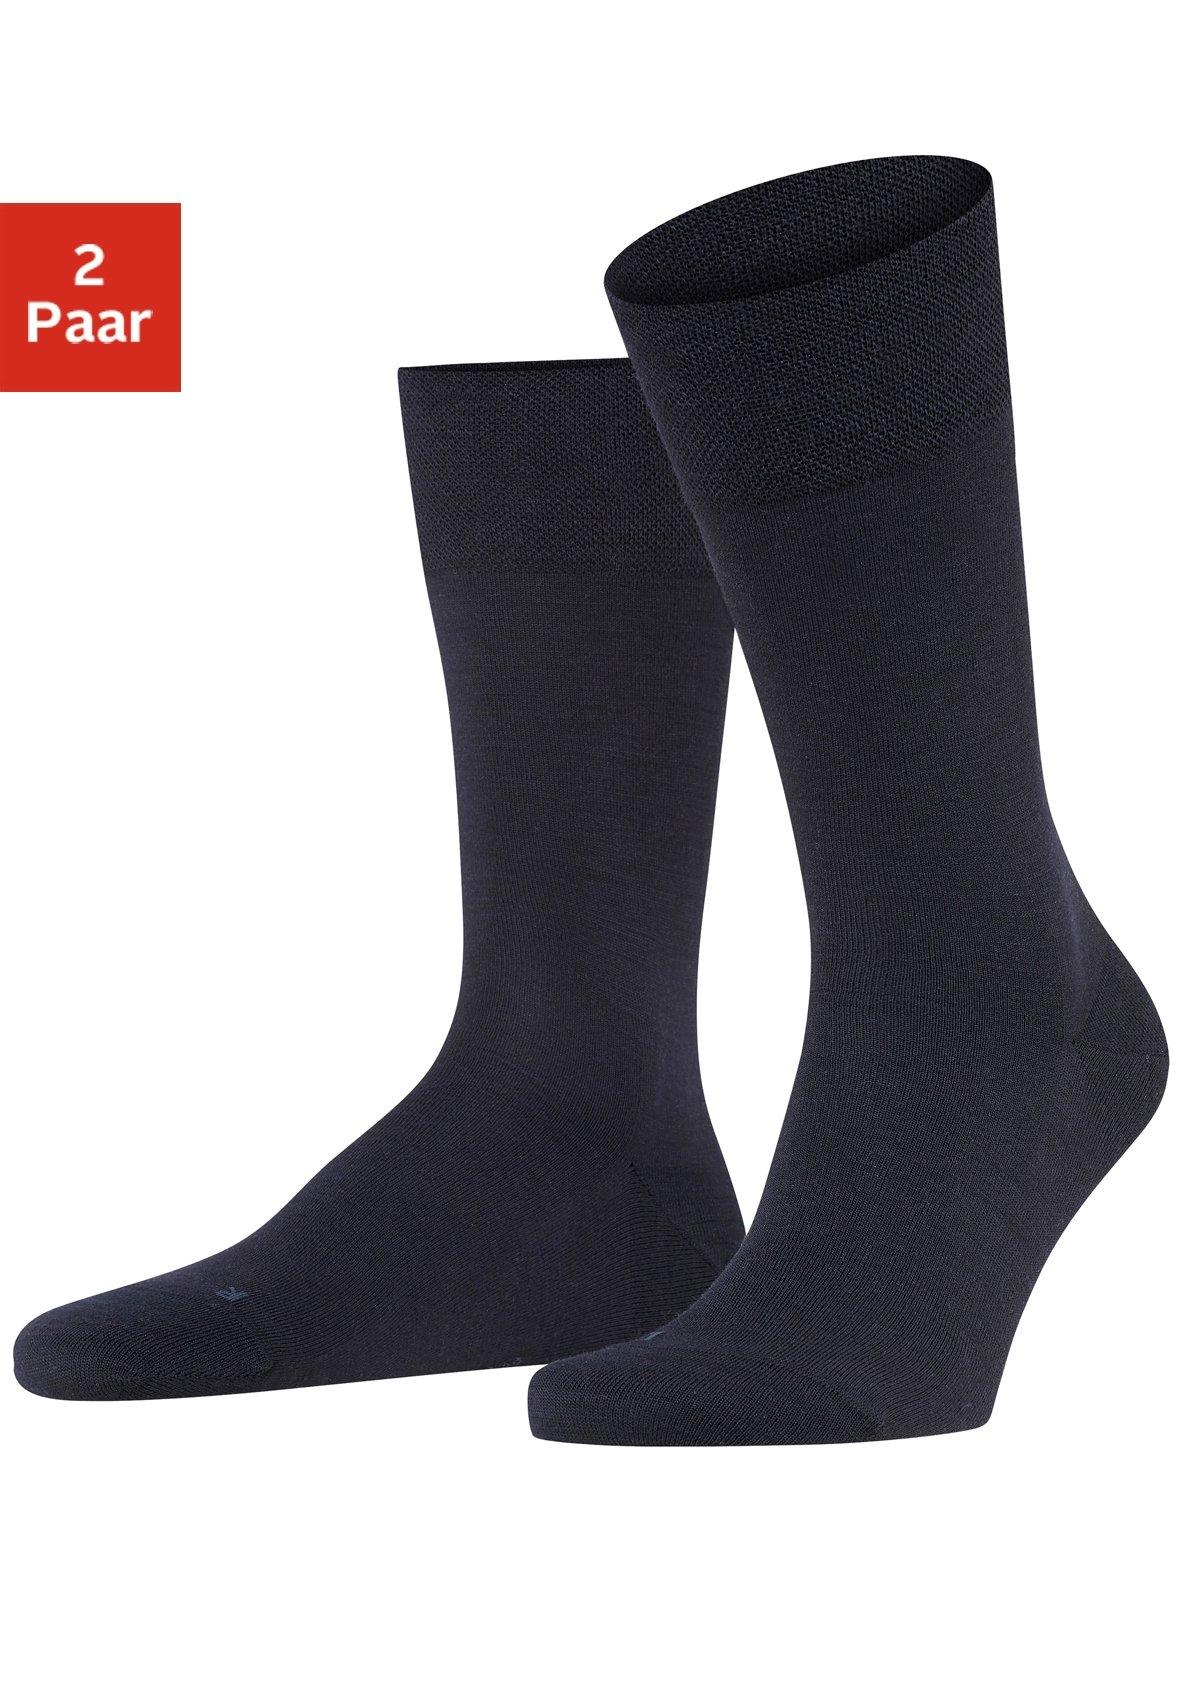 FALKE sokken Berlin met sensitive-boorden zonder elastiek (2 paar) goedkoop op lascana.nl kopen